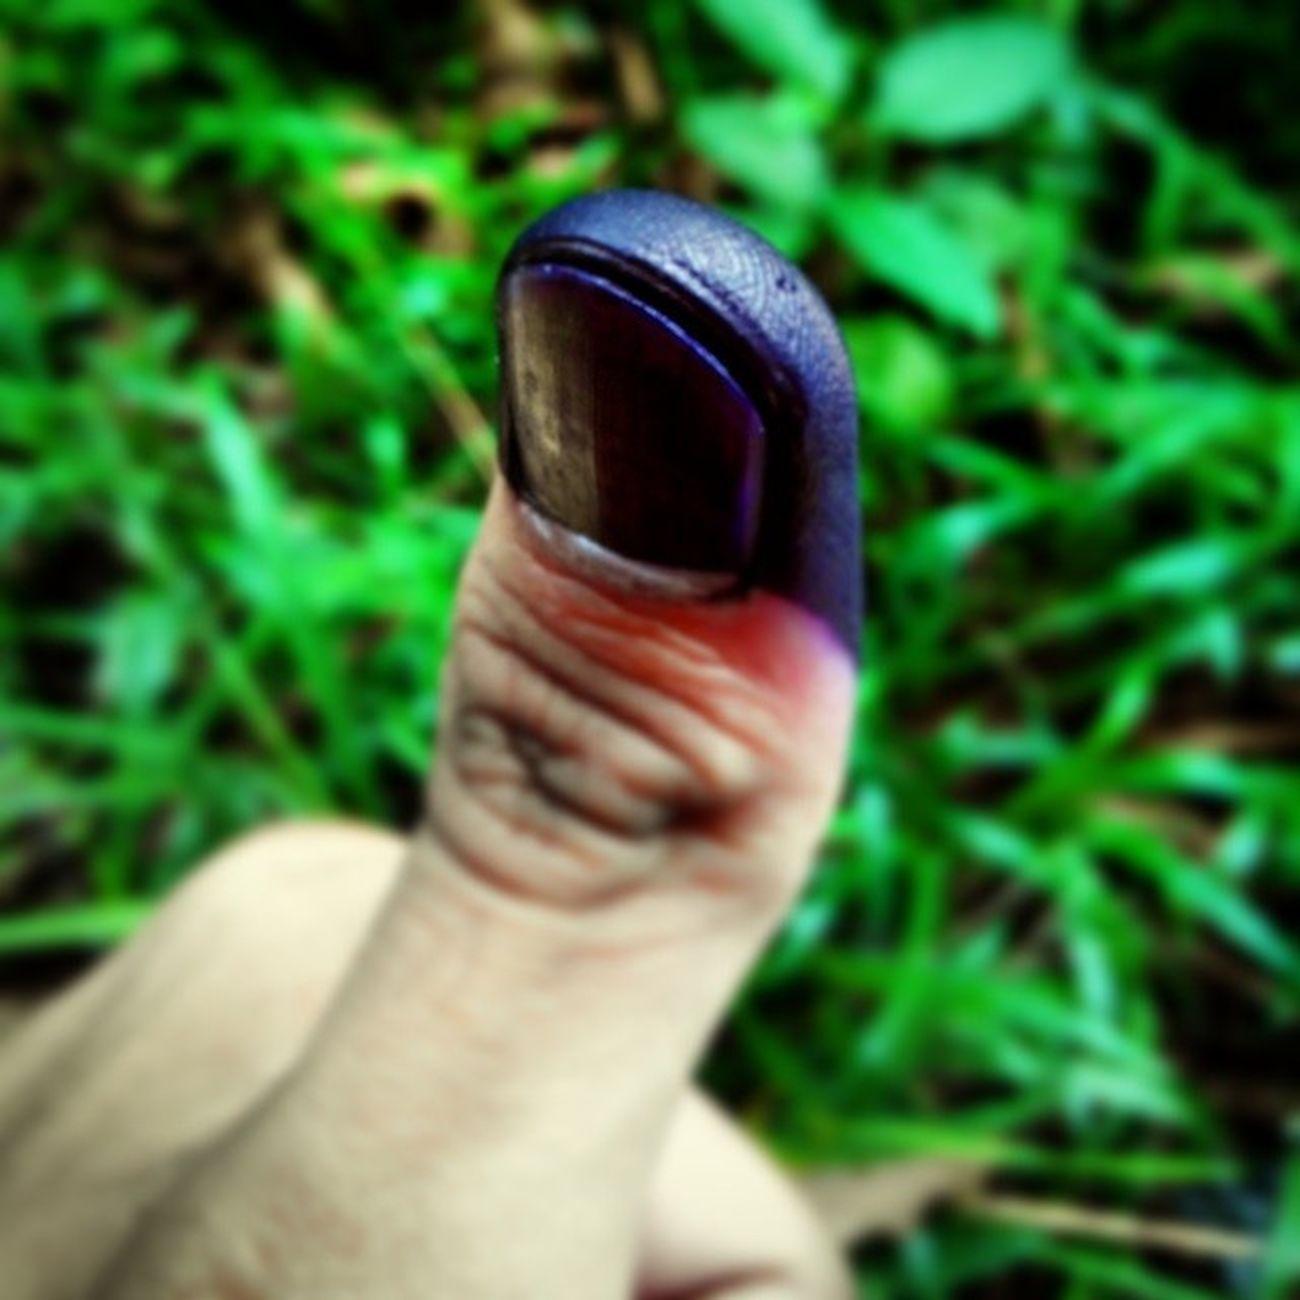 Jari ungu sebagai tanda gw telah melaksanakan tugas sebagai warga negara yang baik: Pilpres President Election Democrazy Semoga capres terbaik yang terpilih memimpin indonesia semakin maju untuk 5 tahun ke depan.